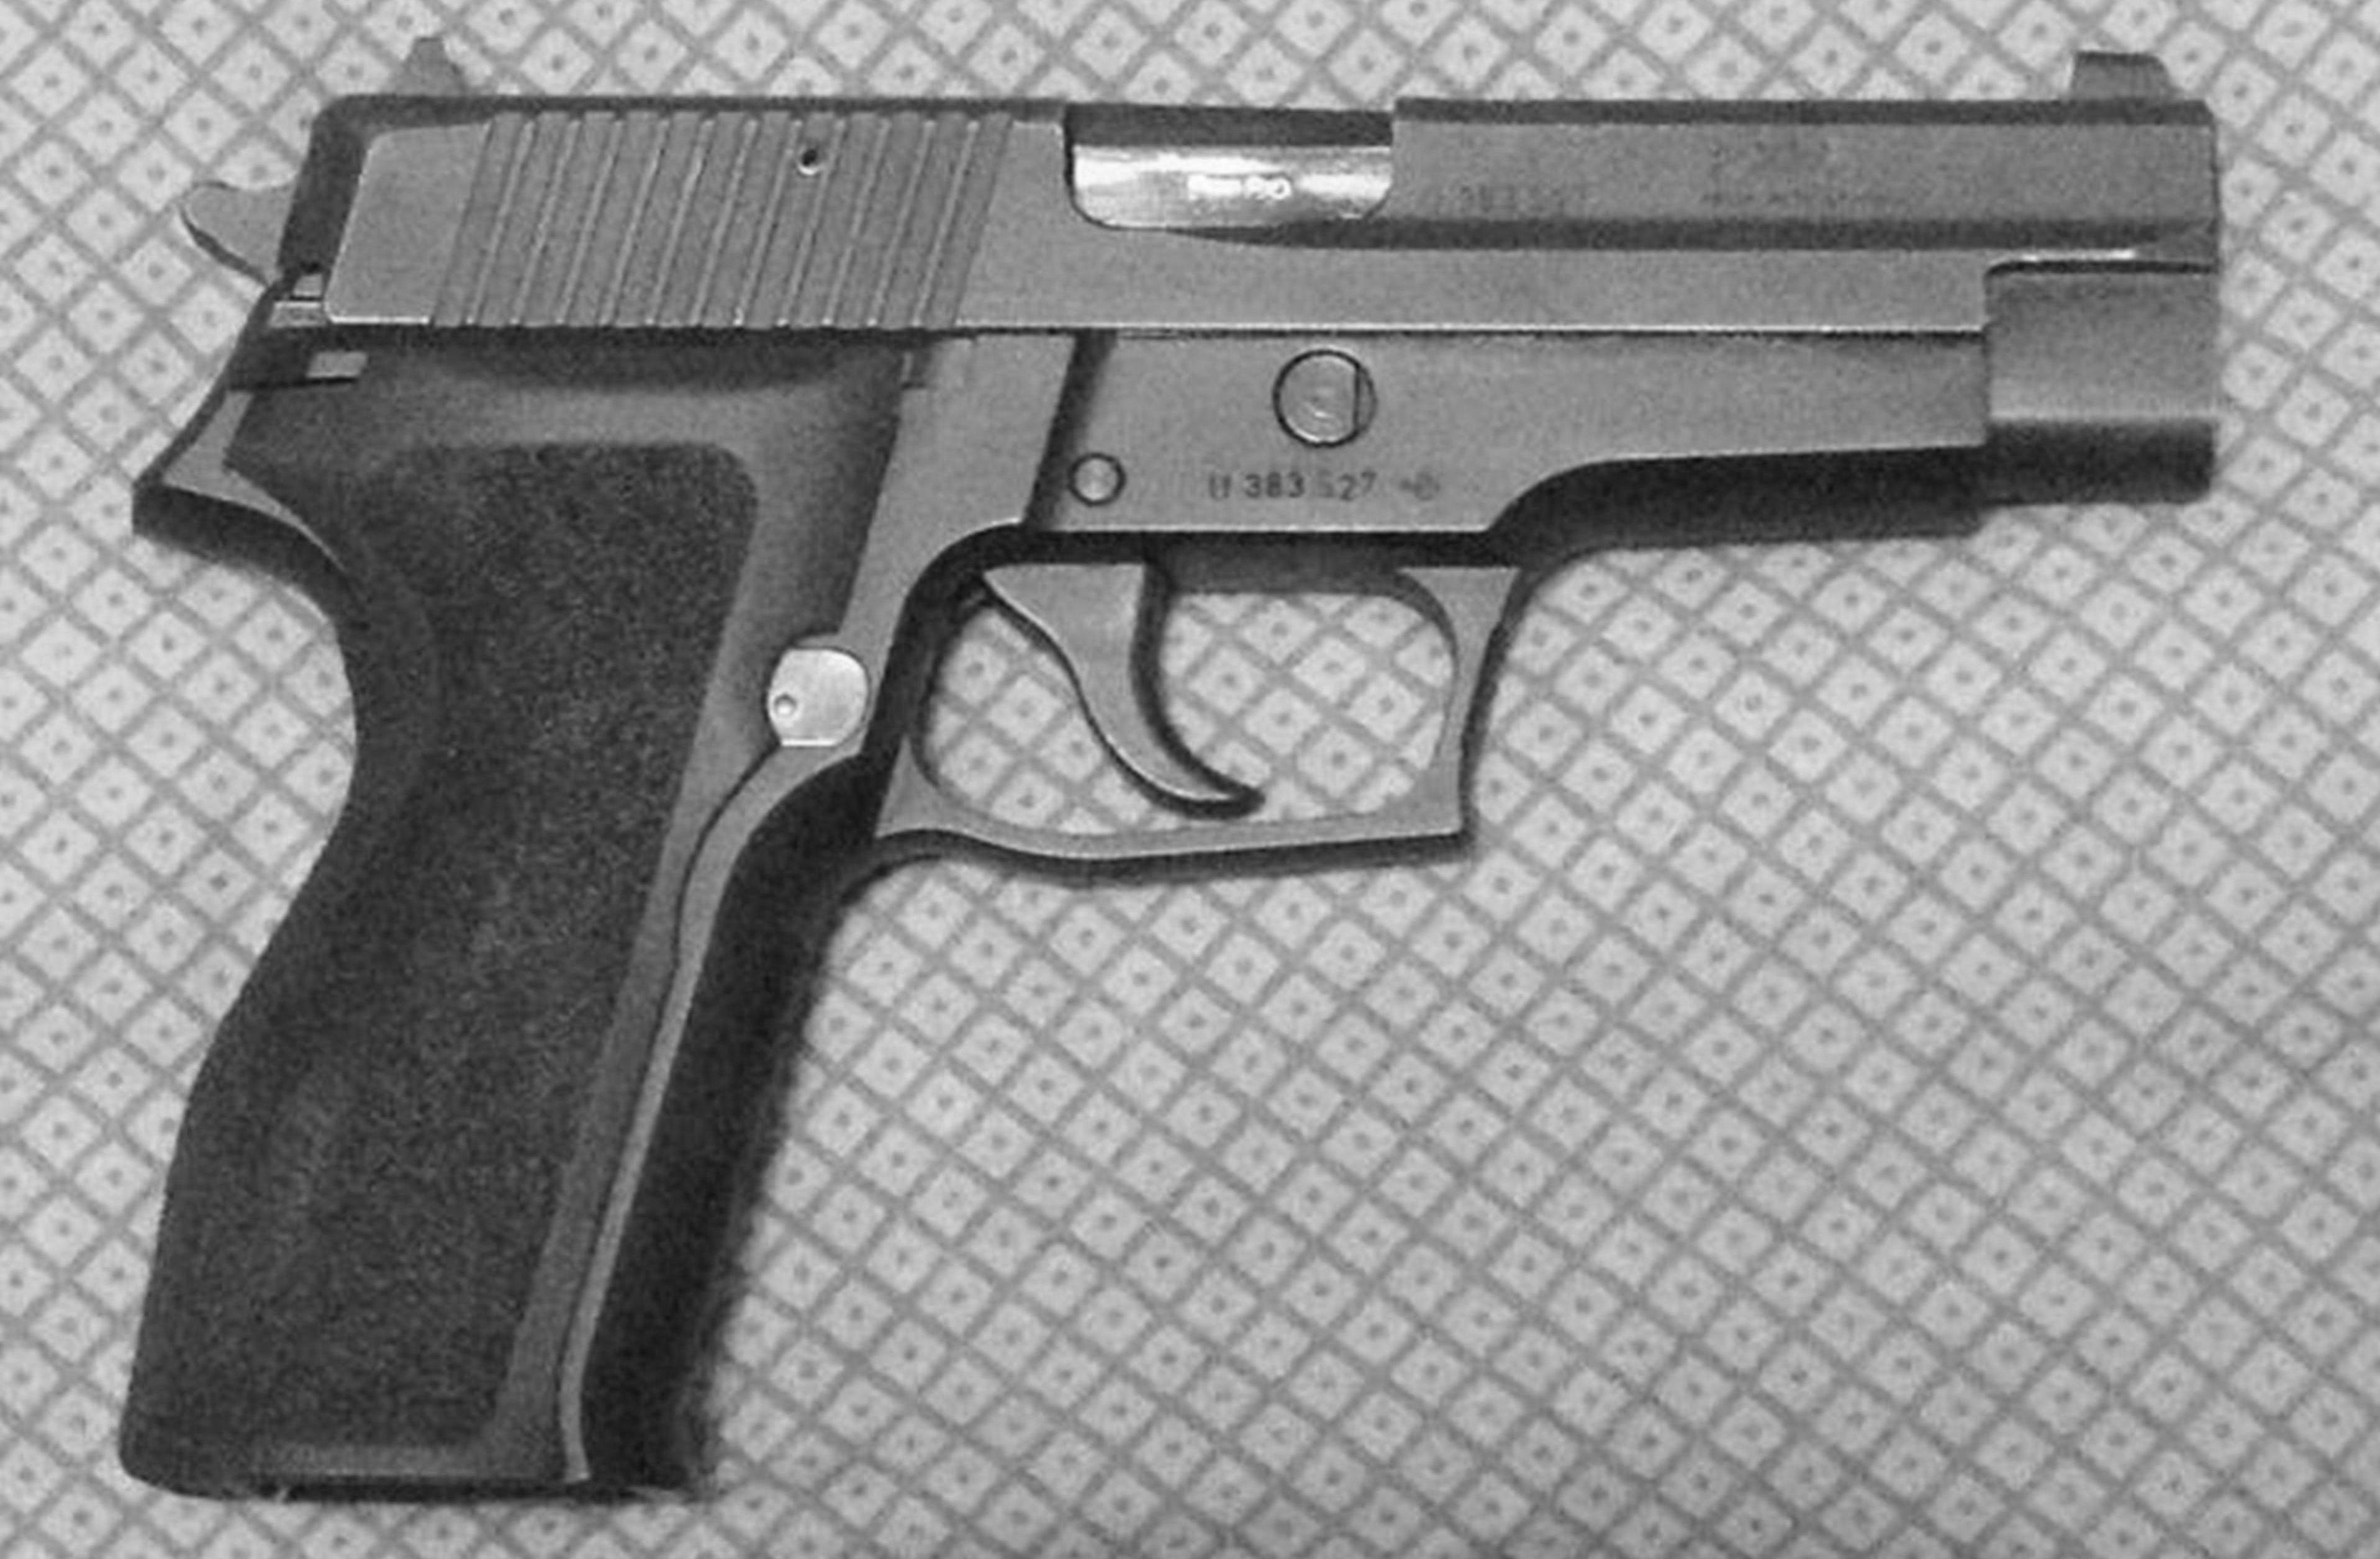 Sig Sauer P226 9mm 15rd West German with E2 Grips | Handguns | Pinterest